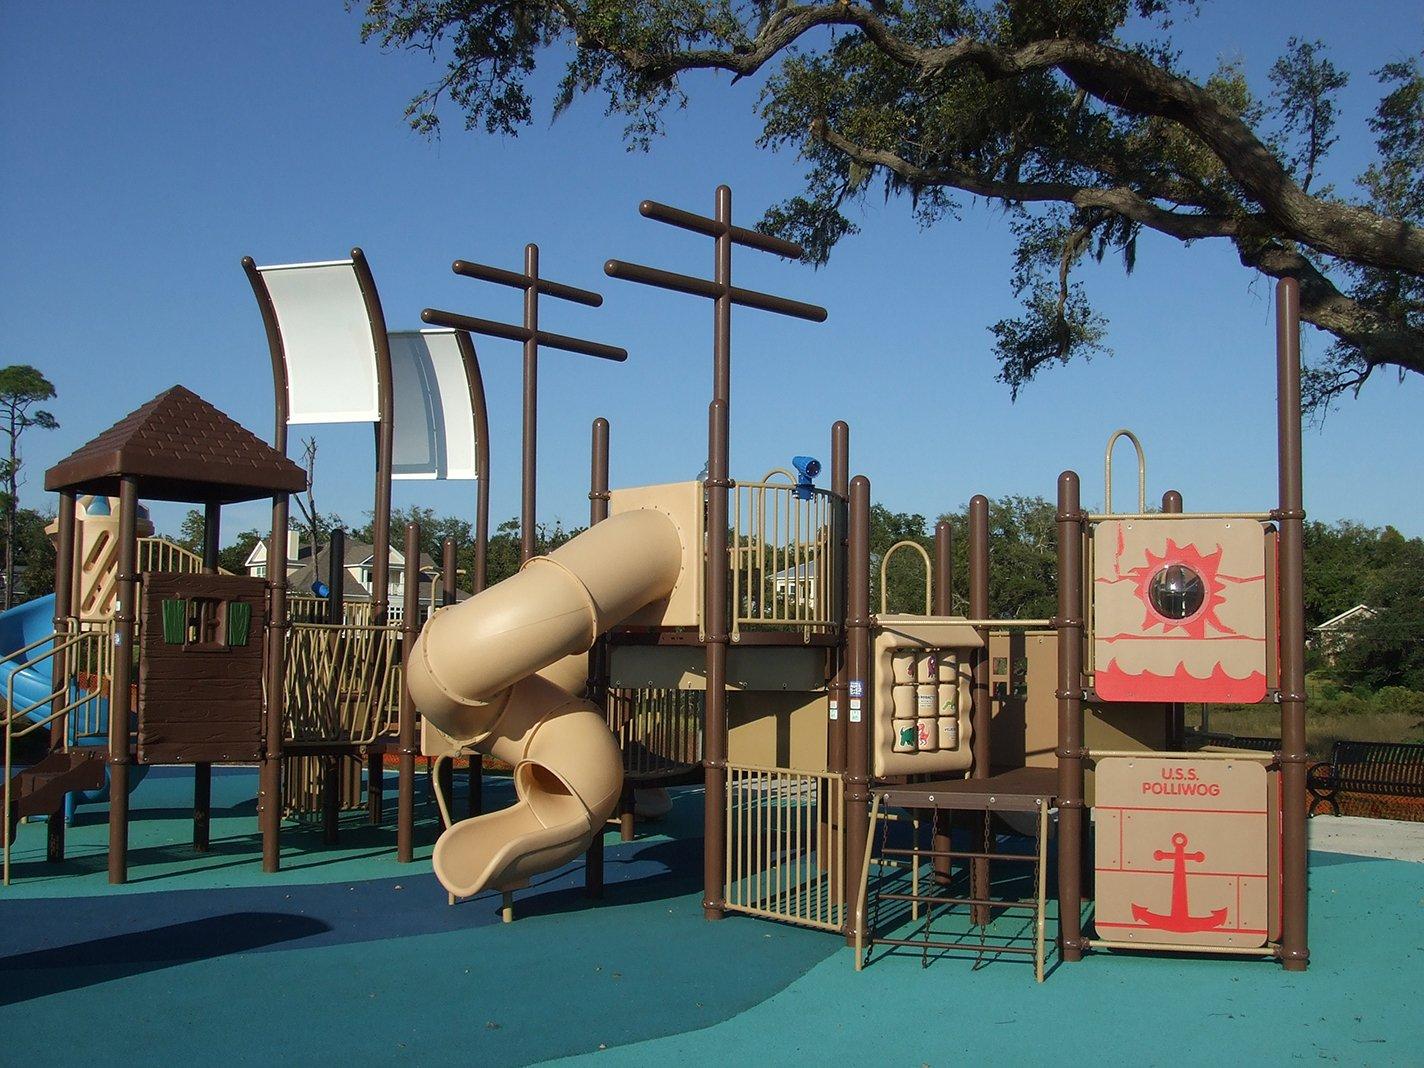 Ft. Maurepas Park and Pavilion